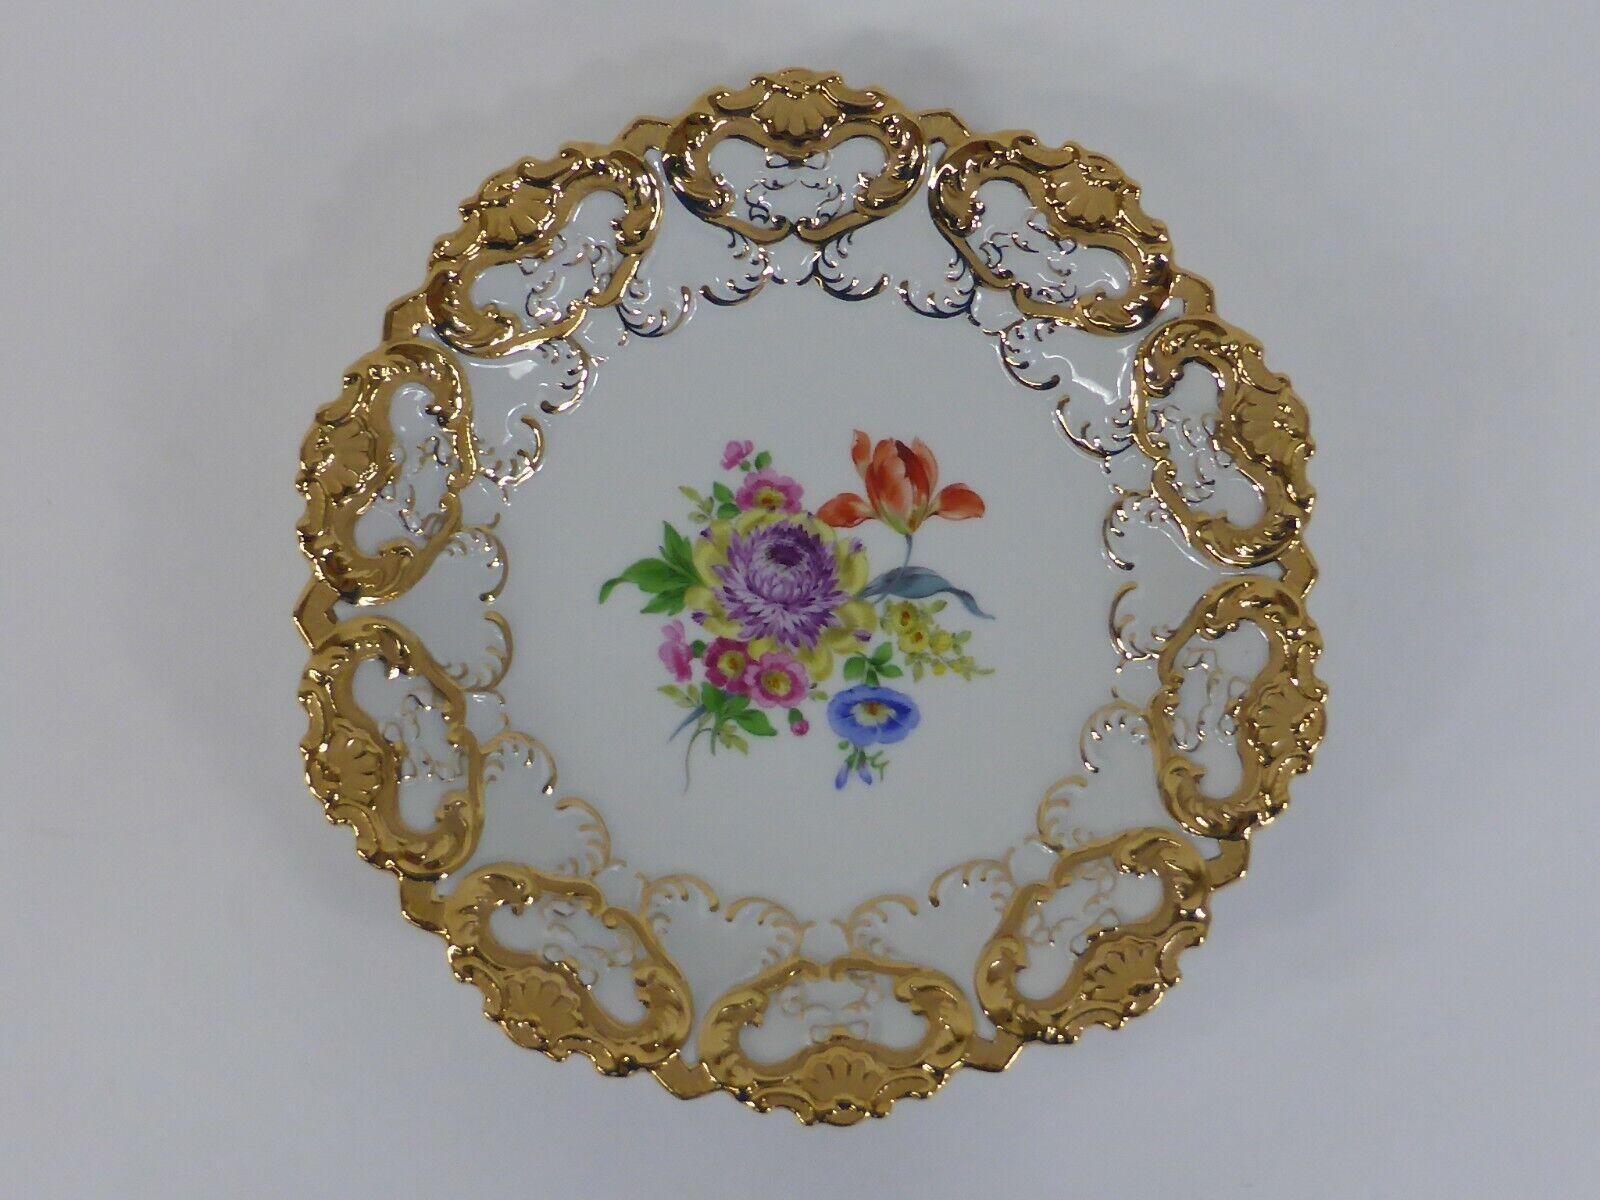 Image 1 - Meissen-Porcelain-Punk-Plate-Flowers-Bouquet-rocaillerelief-Matt-Gloss-Gold-02